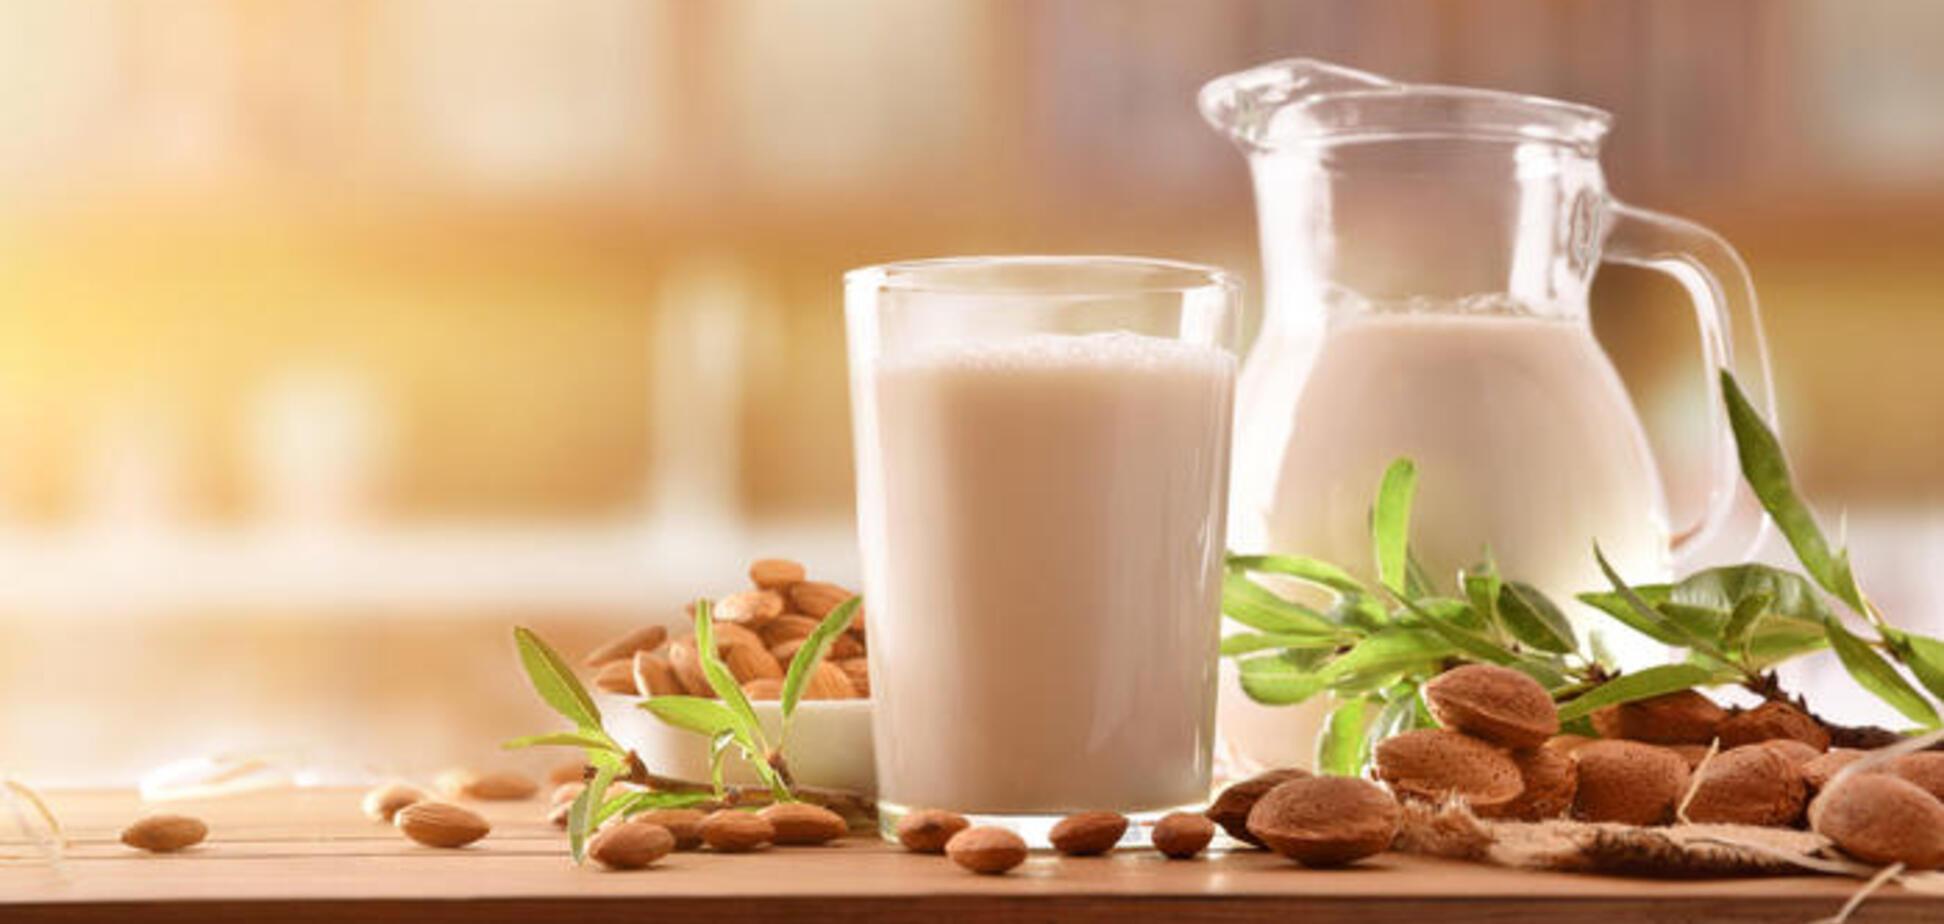 Врач рассказала, полезно ли молоко и сколько его нужно пить